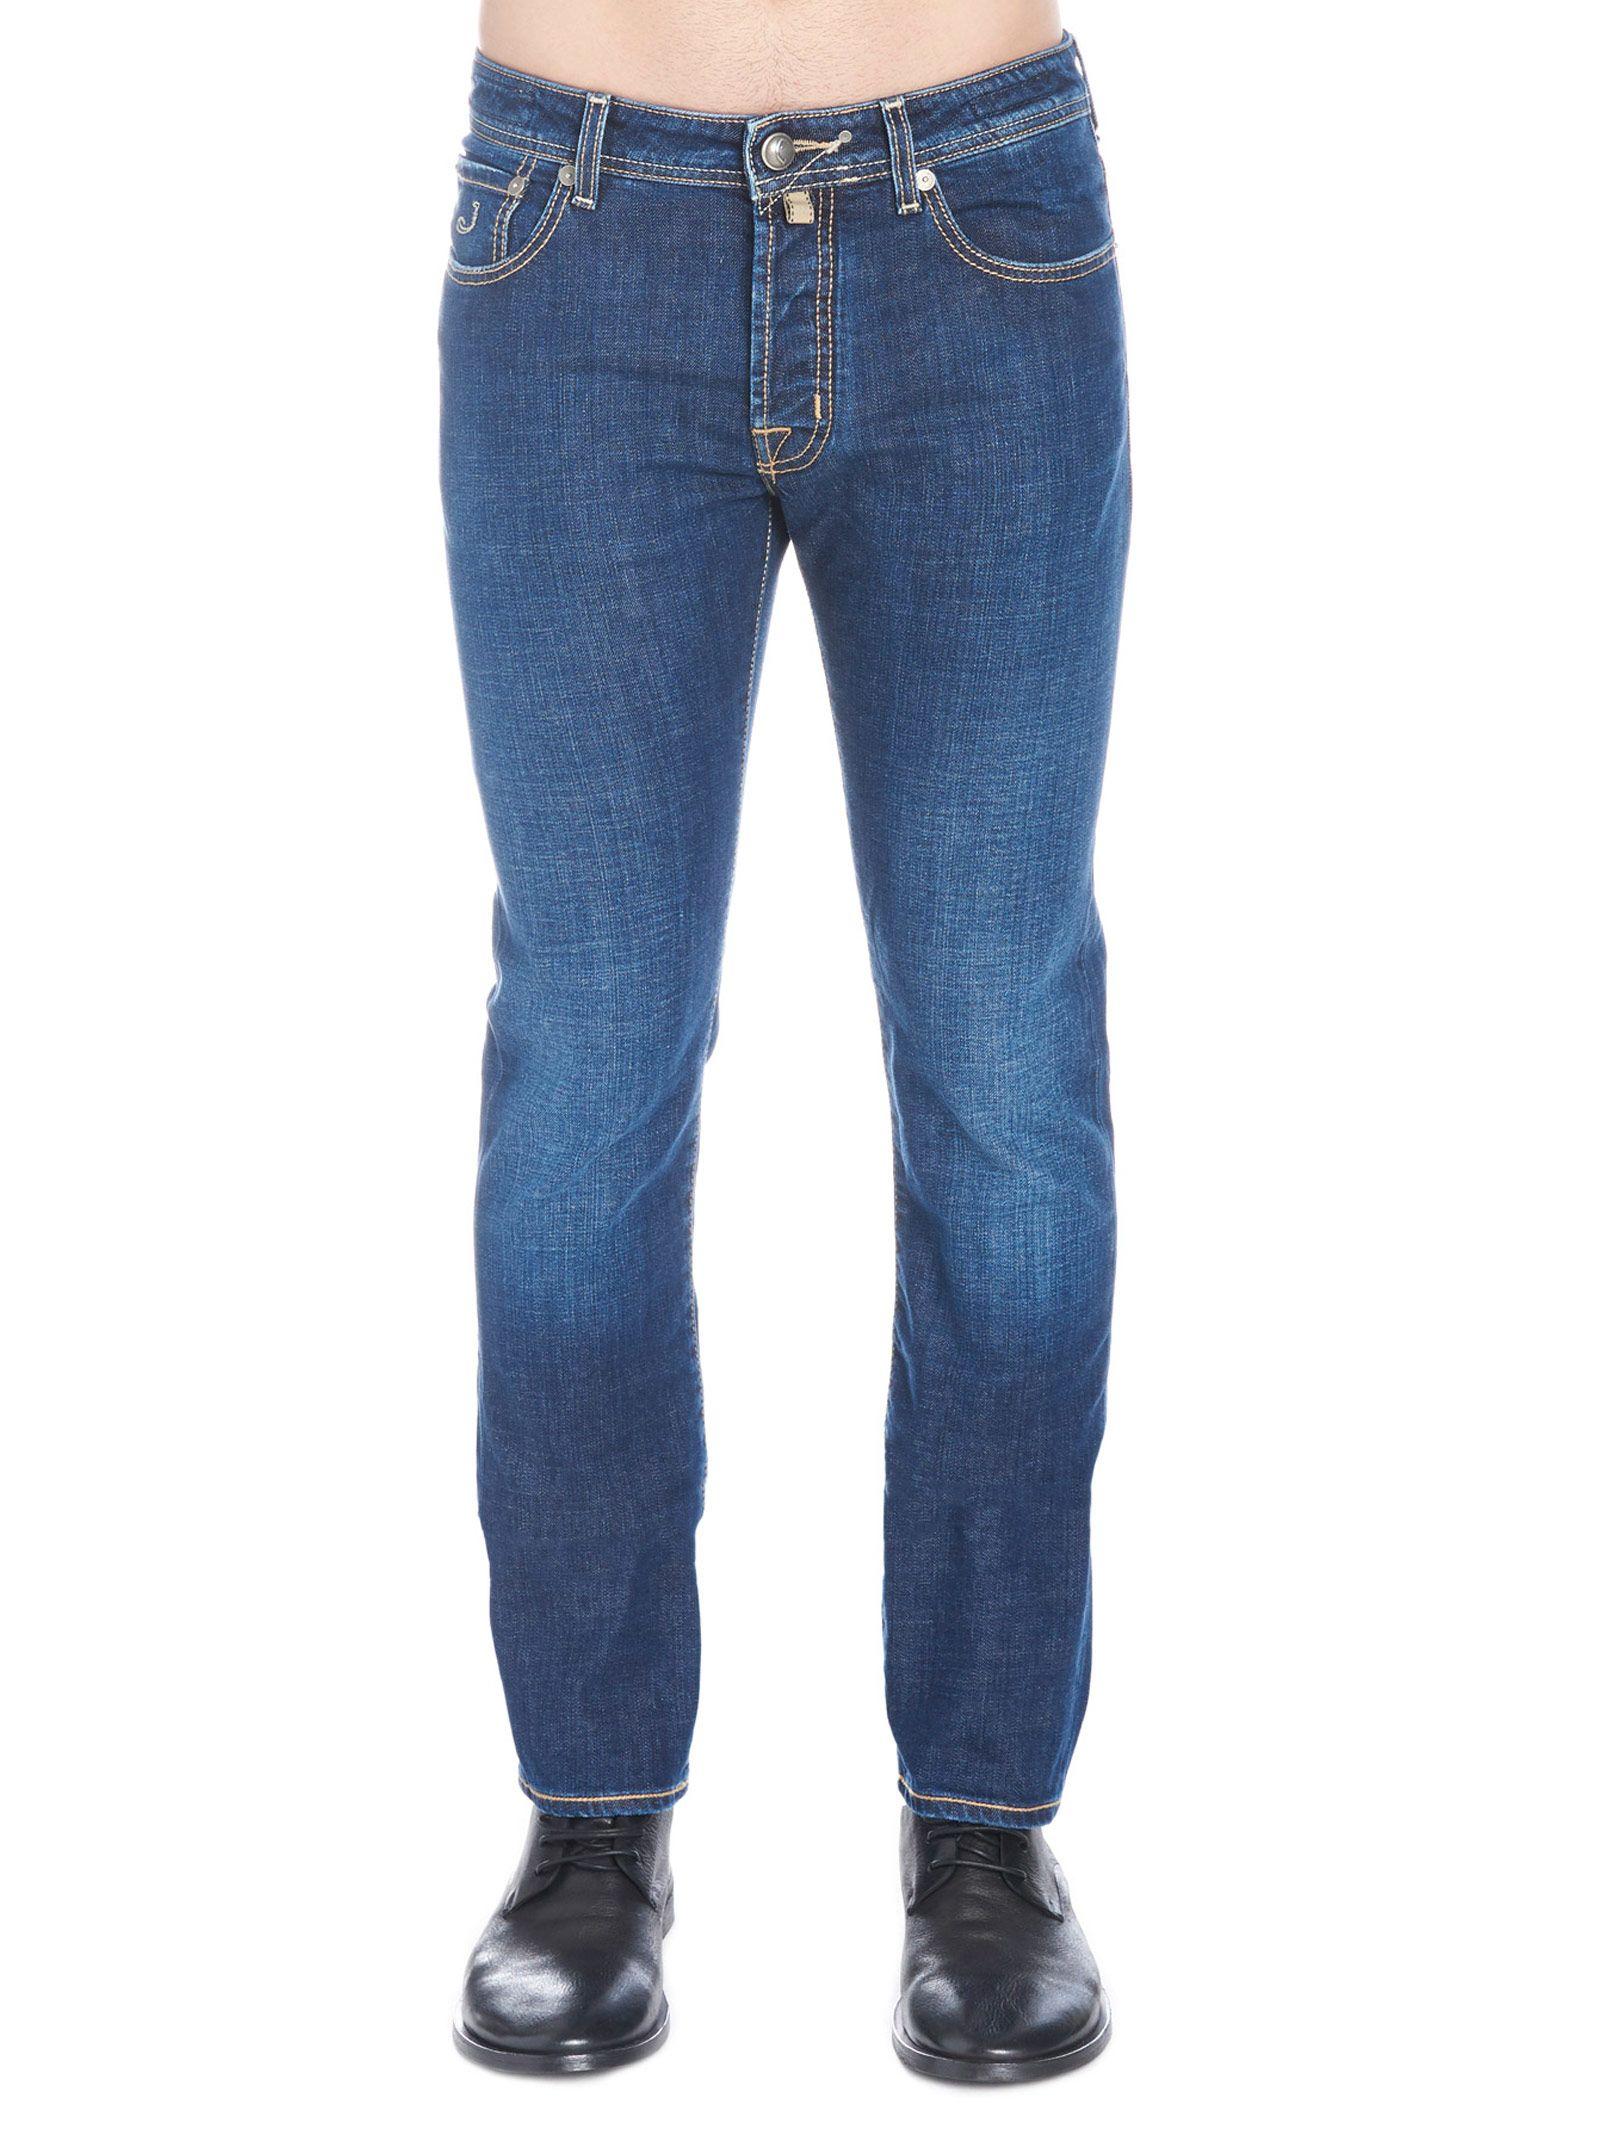 Jacob Cohen 'rare Luxury' Jeans